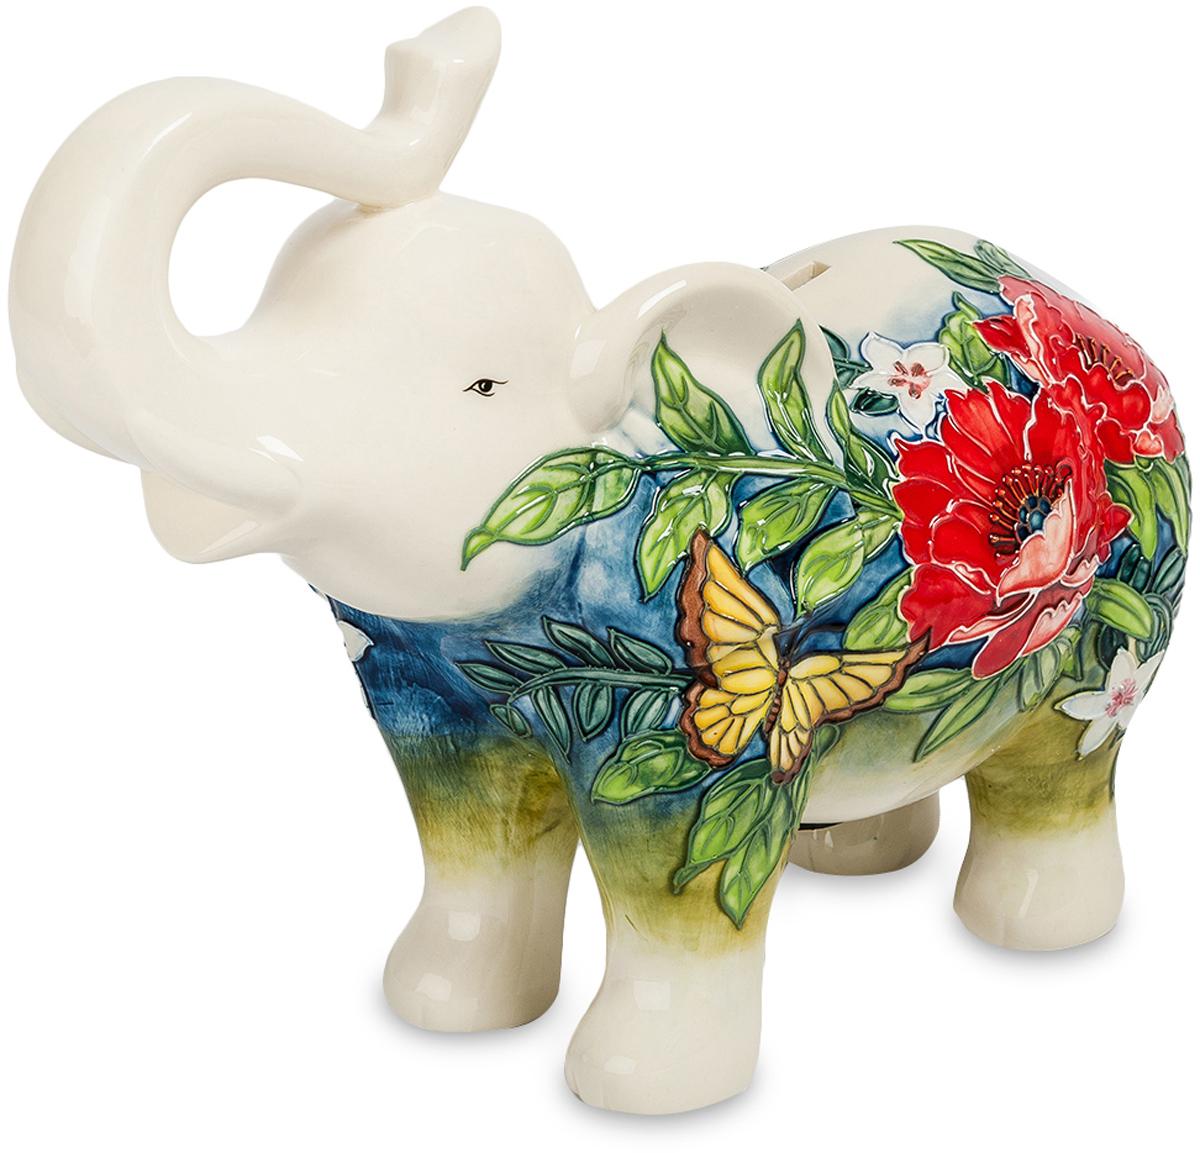 Копилка Pavone Слон. JP-158/ 574-0060Фигурка Слона высотой 22 см.Слон, хоть и добрый, но денежку вашу охранять будет как настоящий лев!Упитанный и довольный жизнью белый слон приглашает экономить деньги, собирая металлическую мелочь. Статуэтка имеет прорезь в спине, что превращает её в классическую копилку. Фарфор украшен флористическим орнаментом, в котором, среди листьев и роскошных цветов, скромно притаилась жёлтая бабочка. Рисунок защищён с помощью блестящей глазури. Копилка белый слон поставляется в коробке с обивкой под синий бархат.